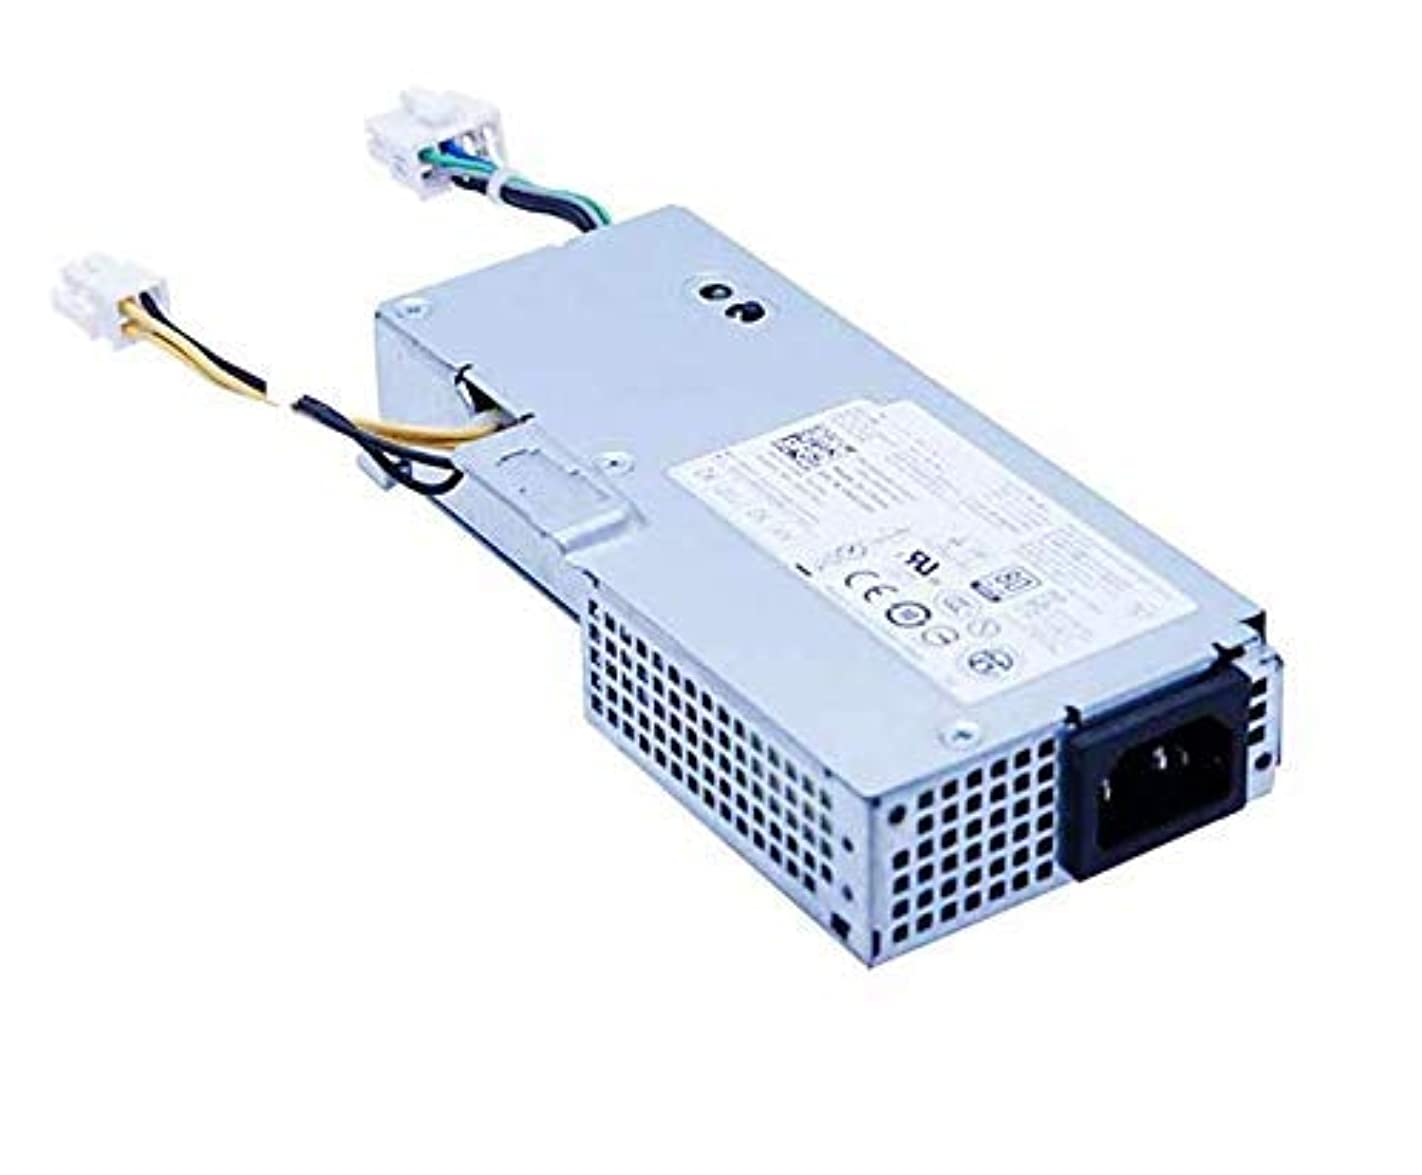 耐えるプーノアーティファクトPlcbatt® 純正新品 DELL OptiPlex 780 790 990 7010 9010 USFF 用電源ユニット L200EU-00 F200EU-00 F200EU-02 L180EU-00 F180EU-00